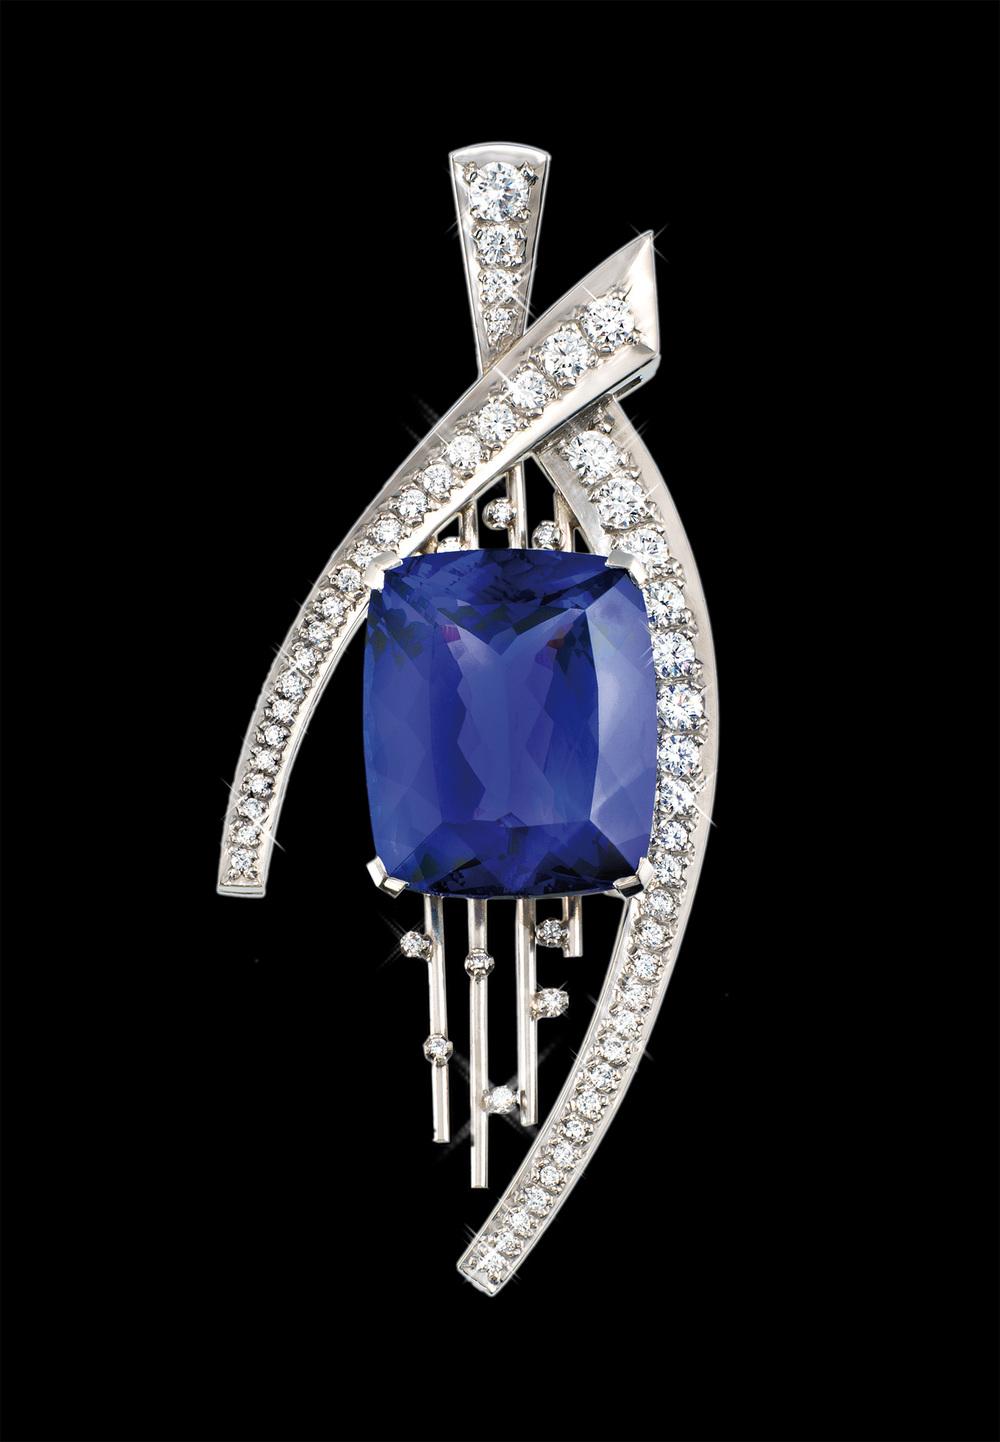 enhanced blue stone and sparkle.jpg